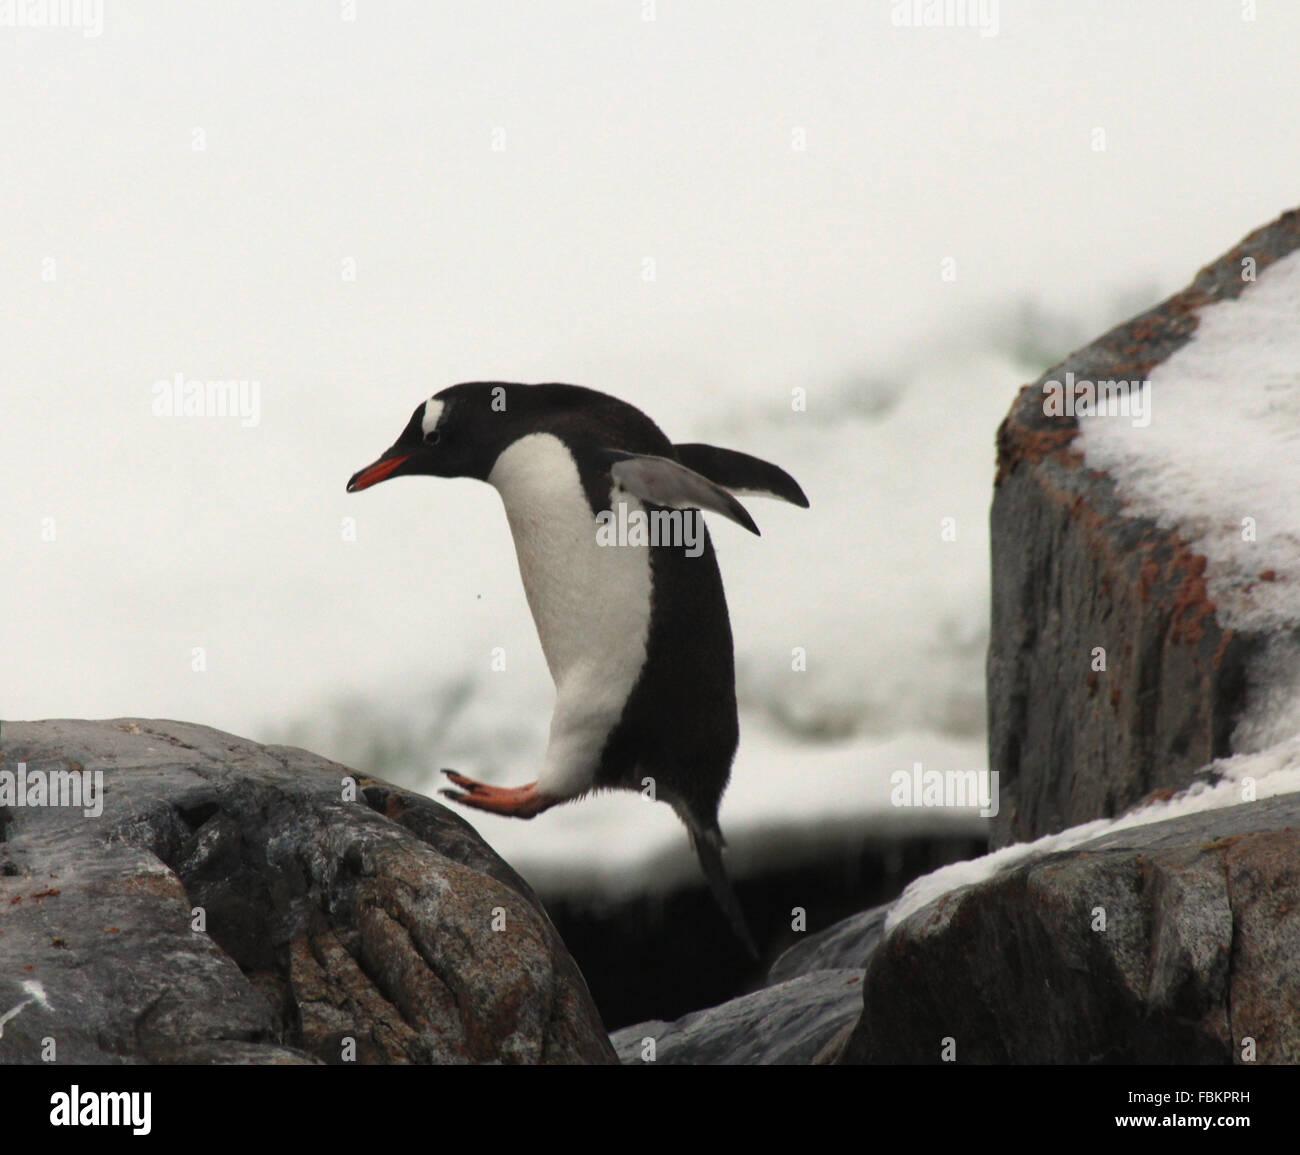 ein Gentoo-Pinguin Sprung von einem Felsen in der Antarktis Stockbild